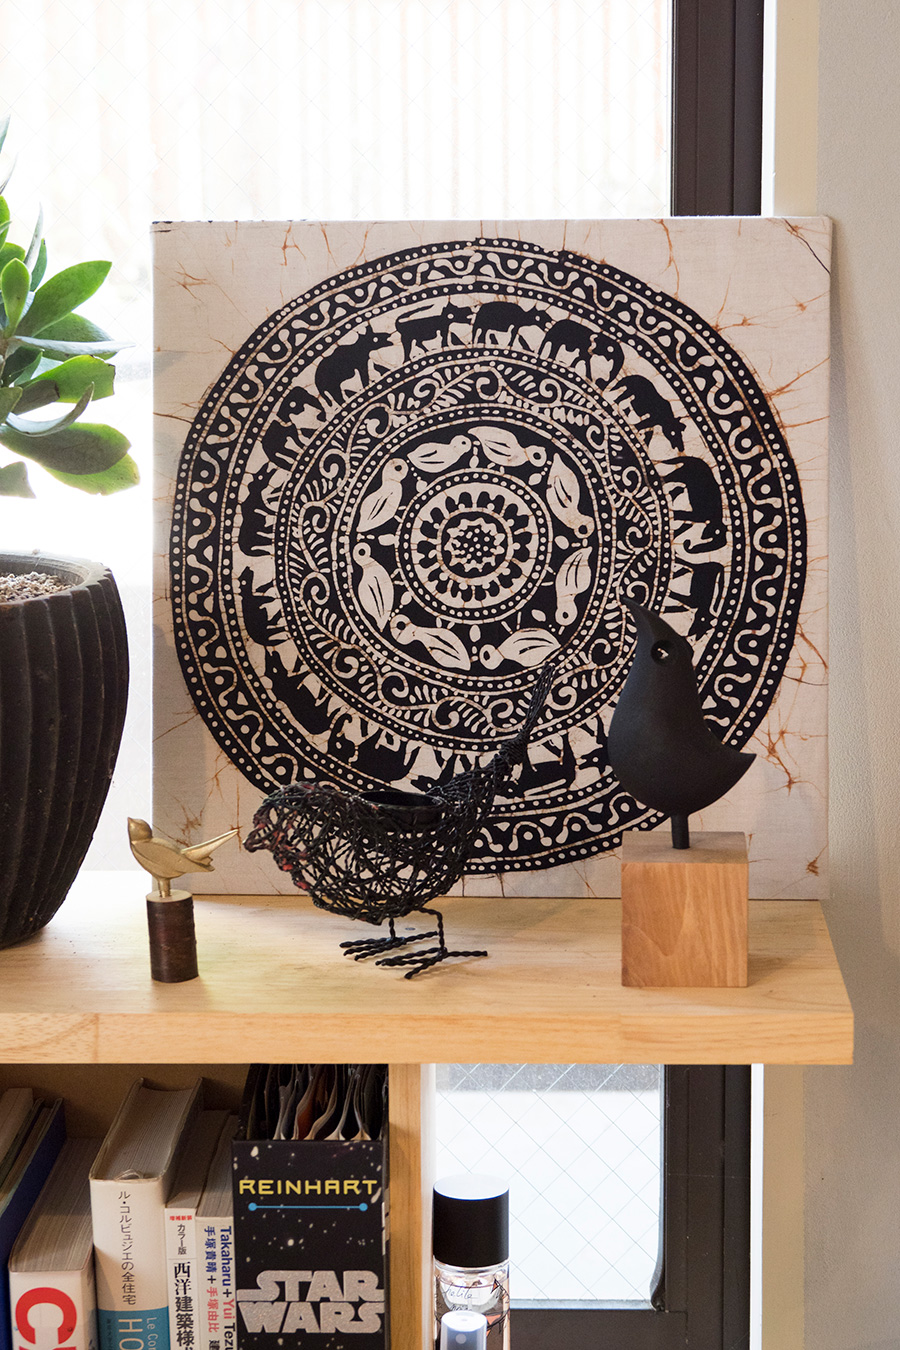 南部鉄器でできた鳥のオブジェや、スリランカ土産などをディスプレイ。棚もDIYで制作したもの。